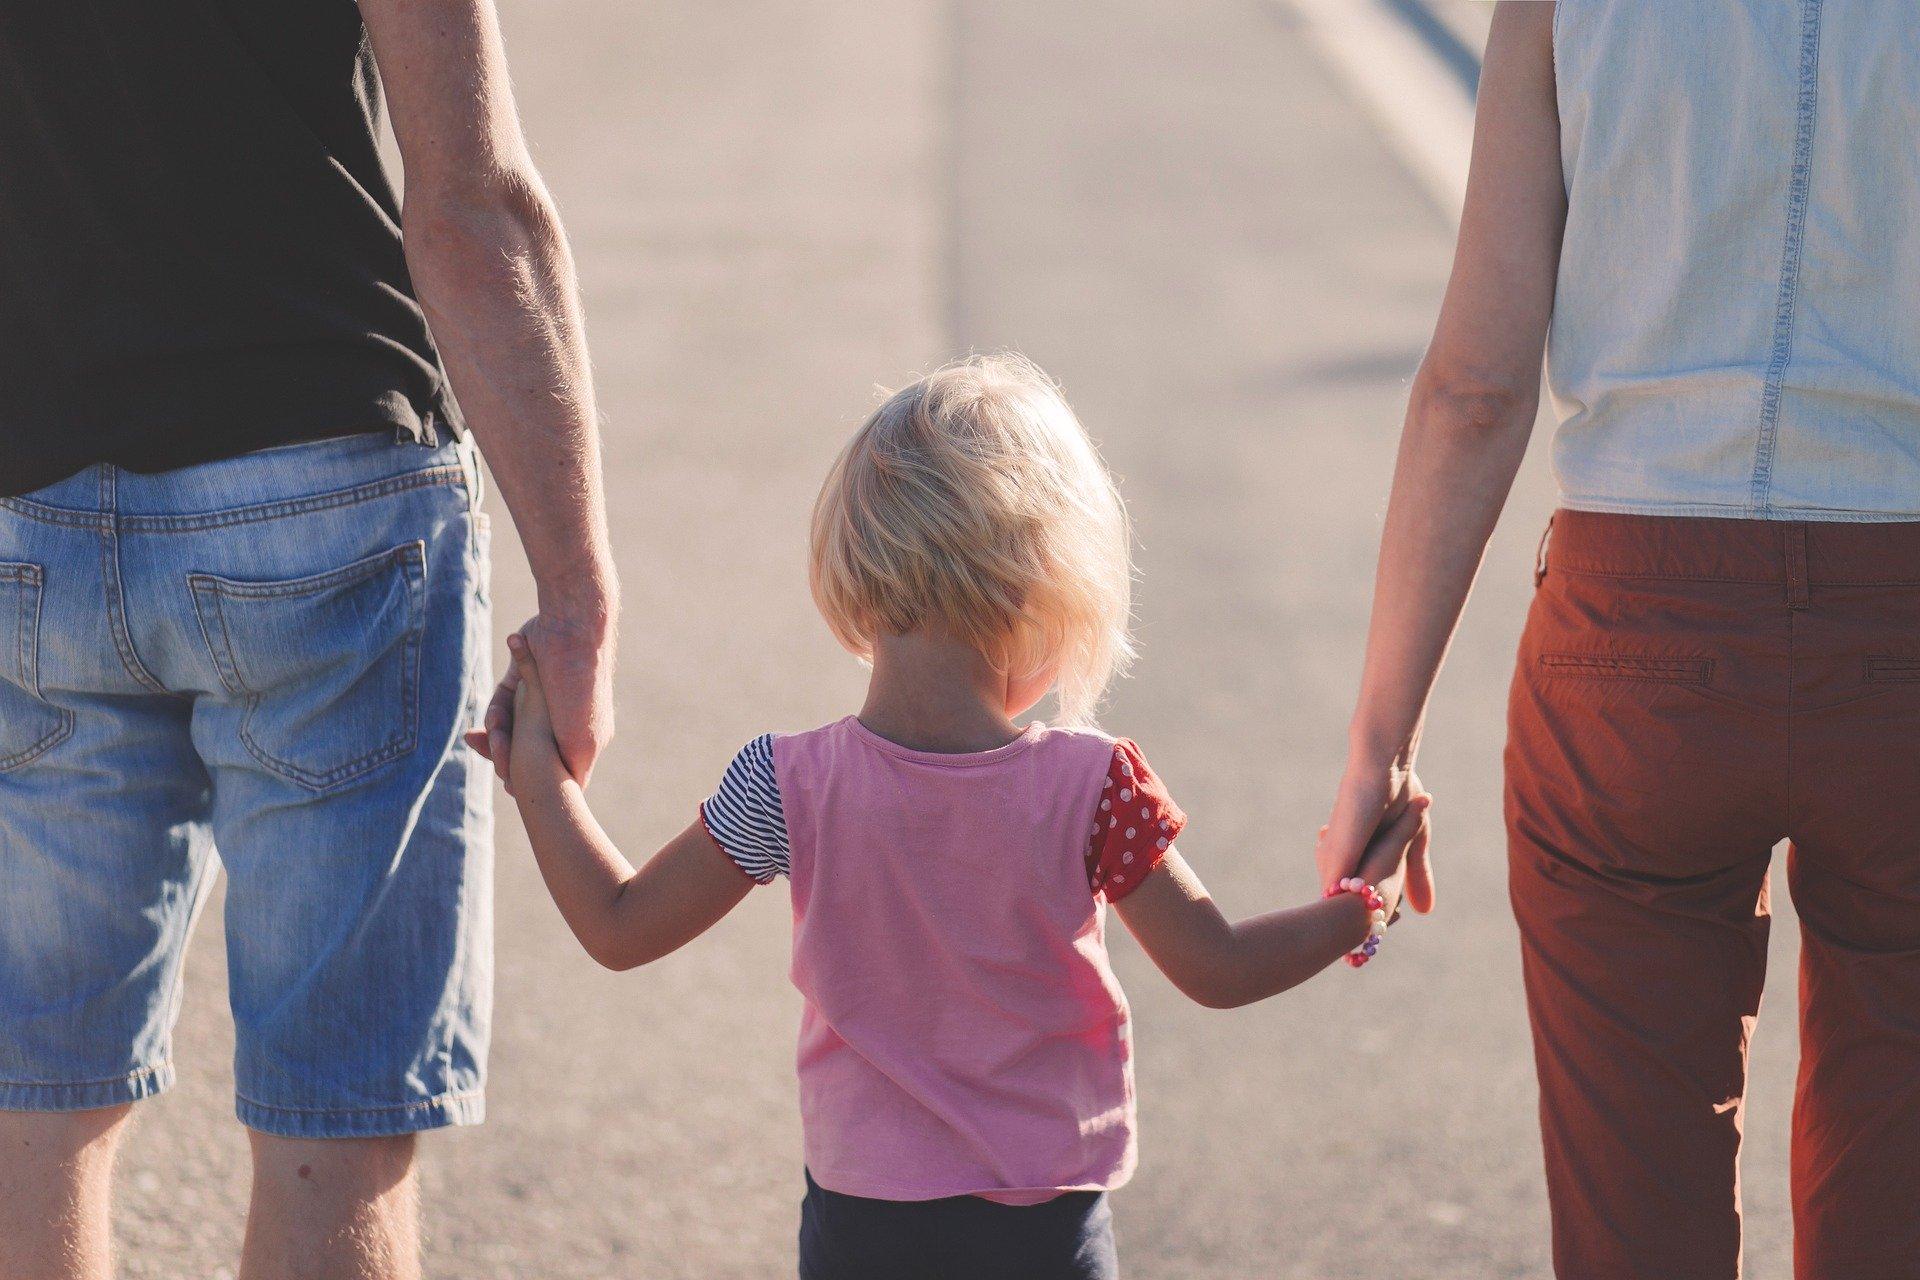 Los padres de un niño con discapacidad pasan por varias etapas de duelo hasta llegar a la aceptación